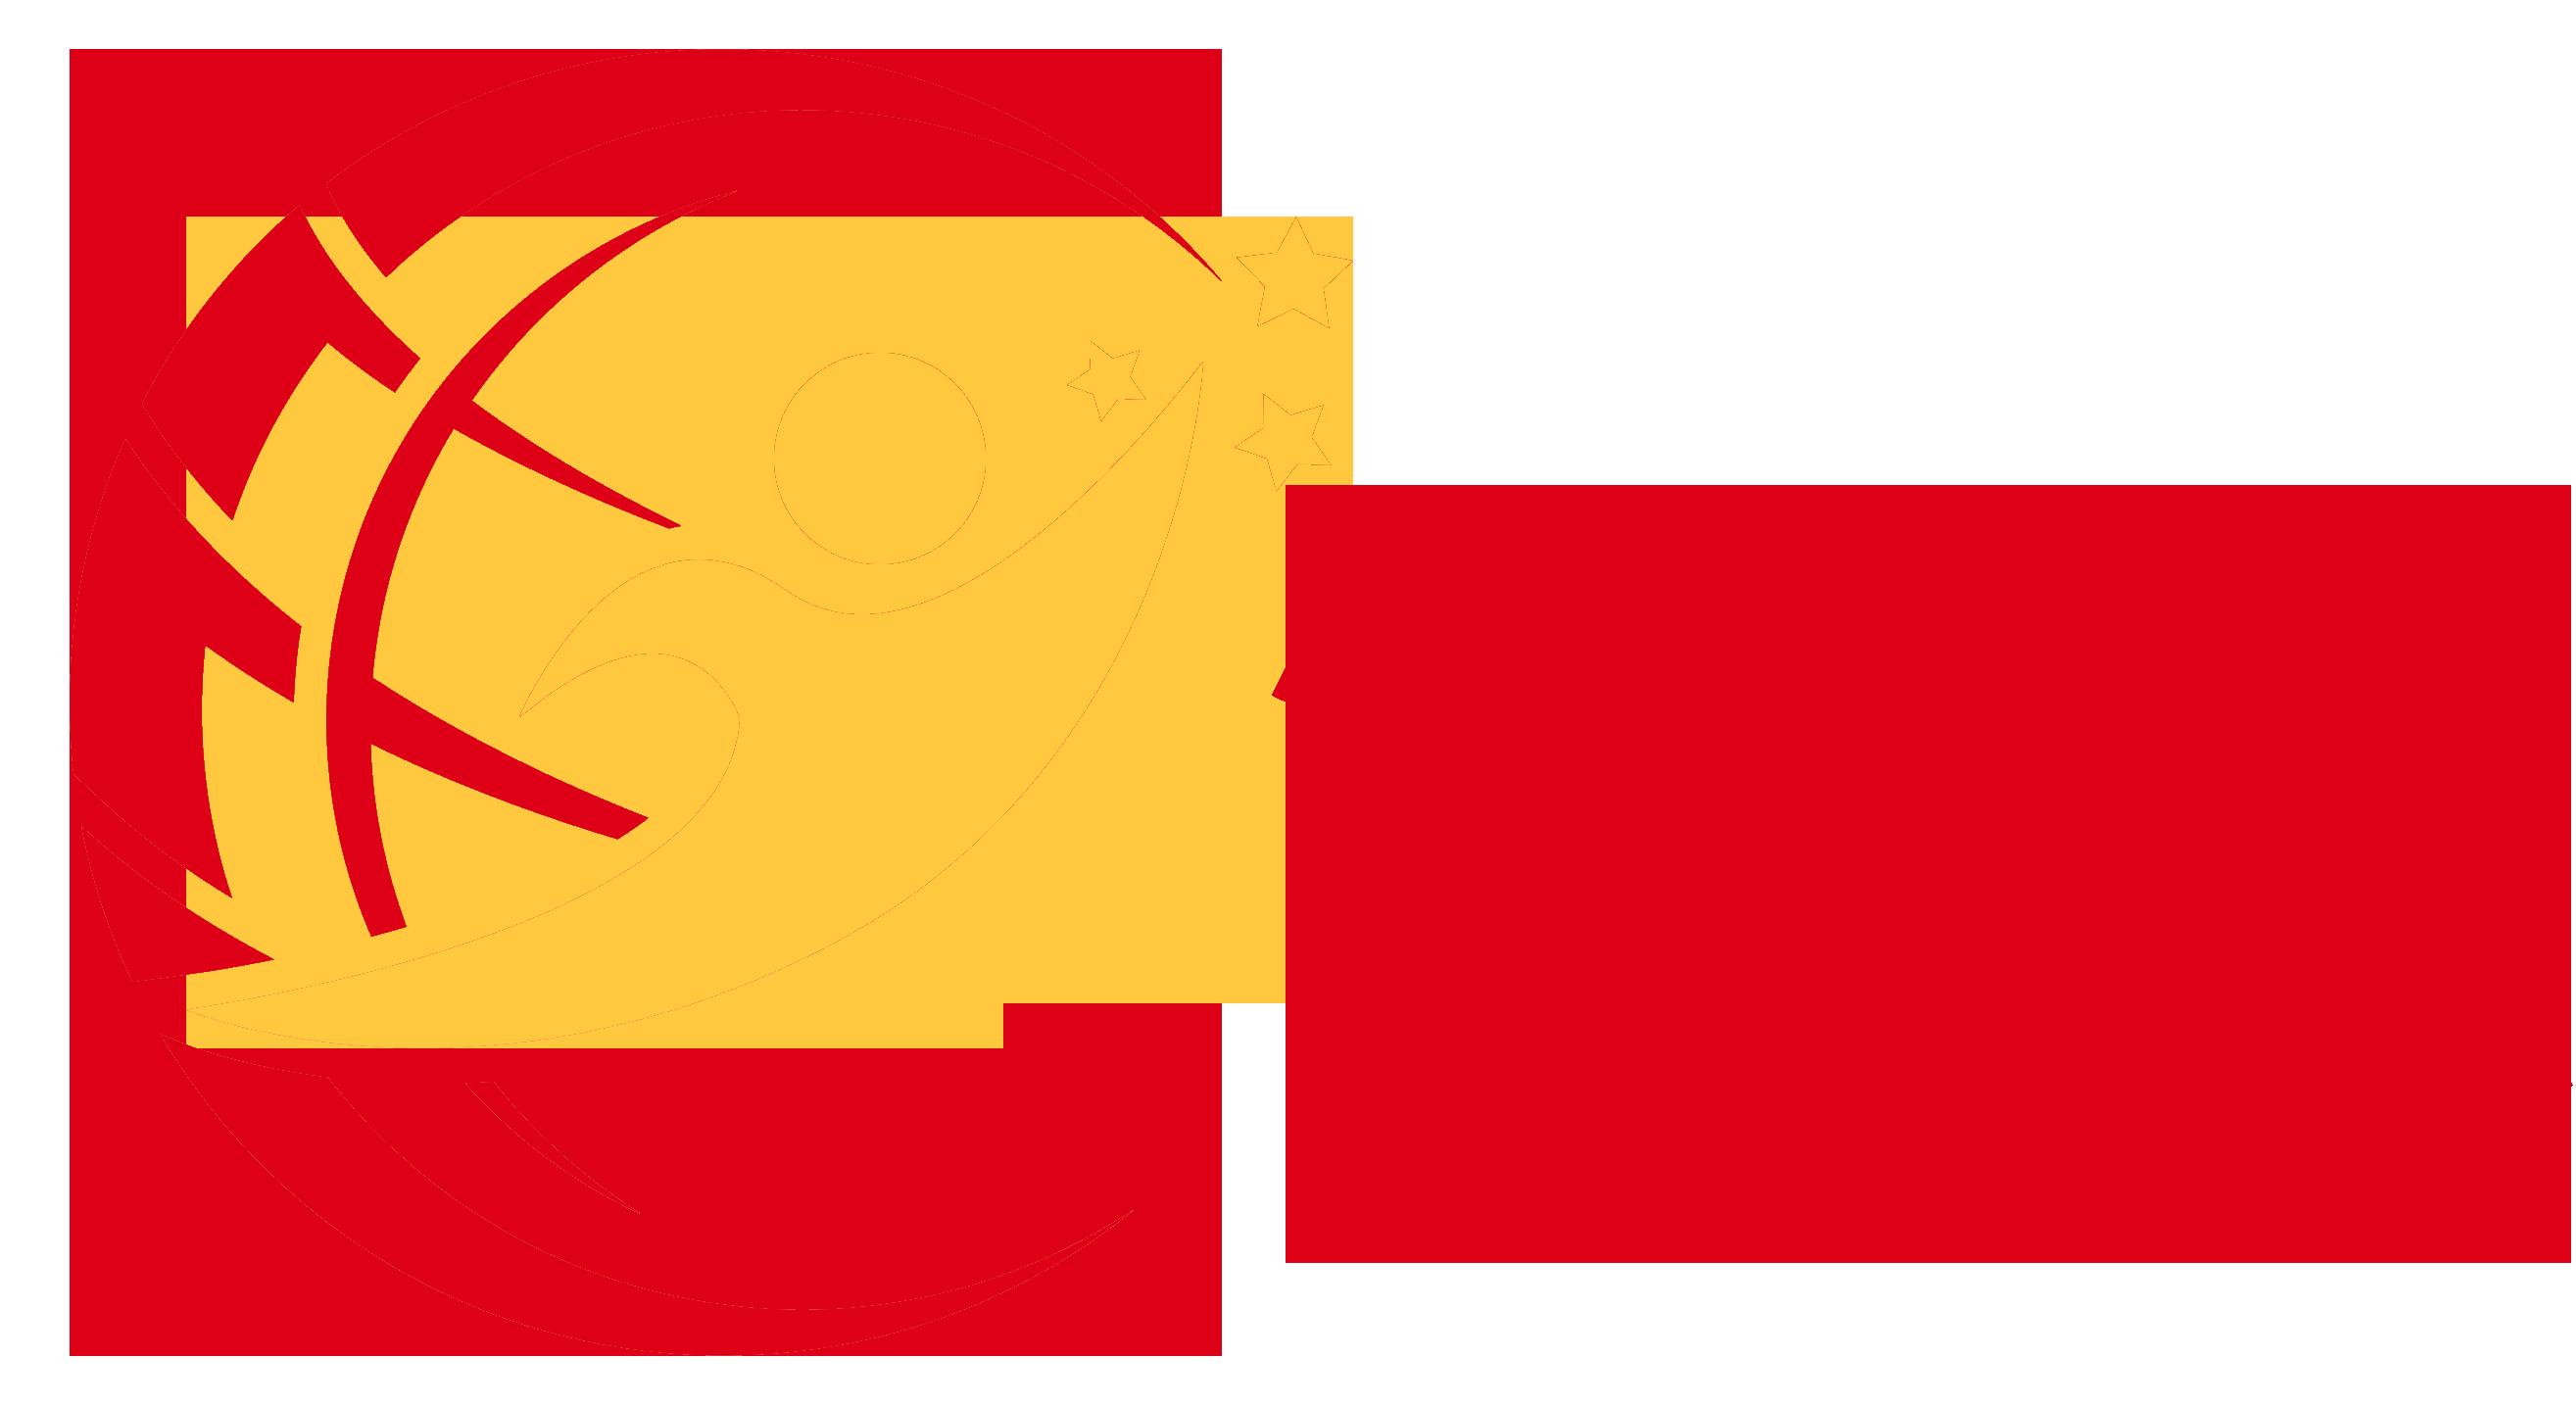 TRUNG TÂM HỢP TÁC ĐÀO TẠO CITC